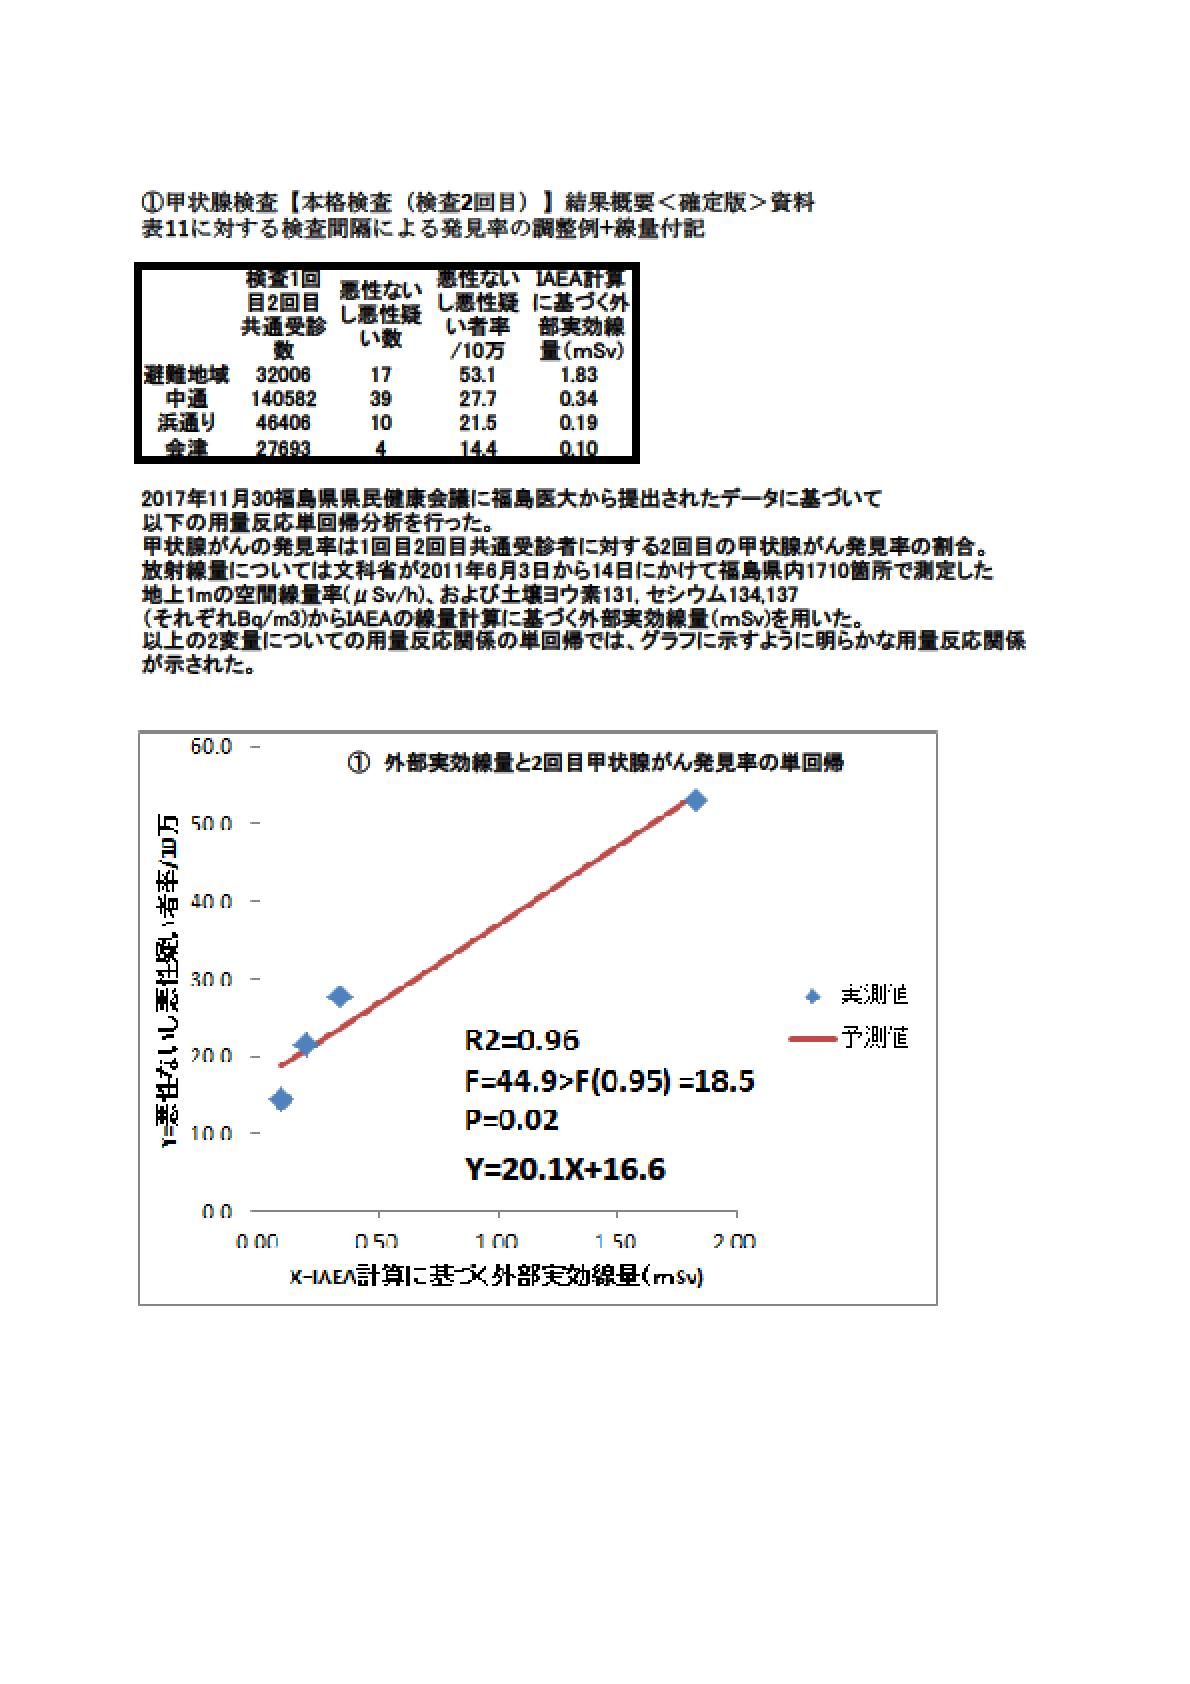 福島県の県民健康調査検討委員会、同 甲状腺検査評価部会、福島県立医科大学放射線医学県民健康管理センターに要請書を送りました!_a0395611_14515447.png